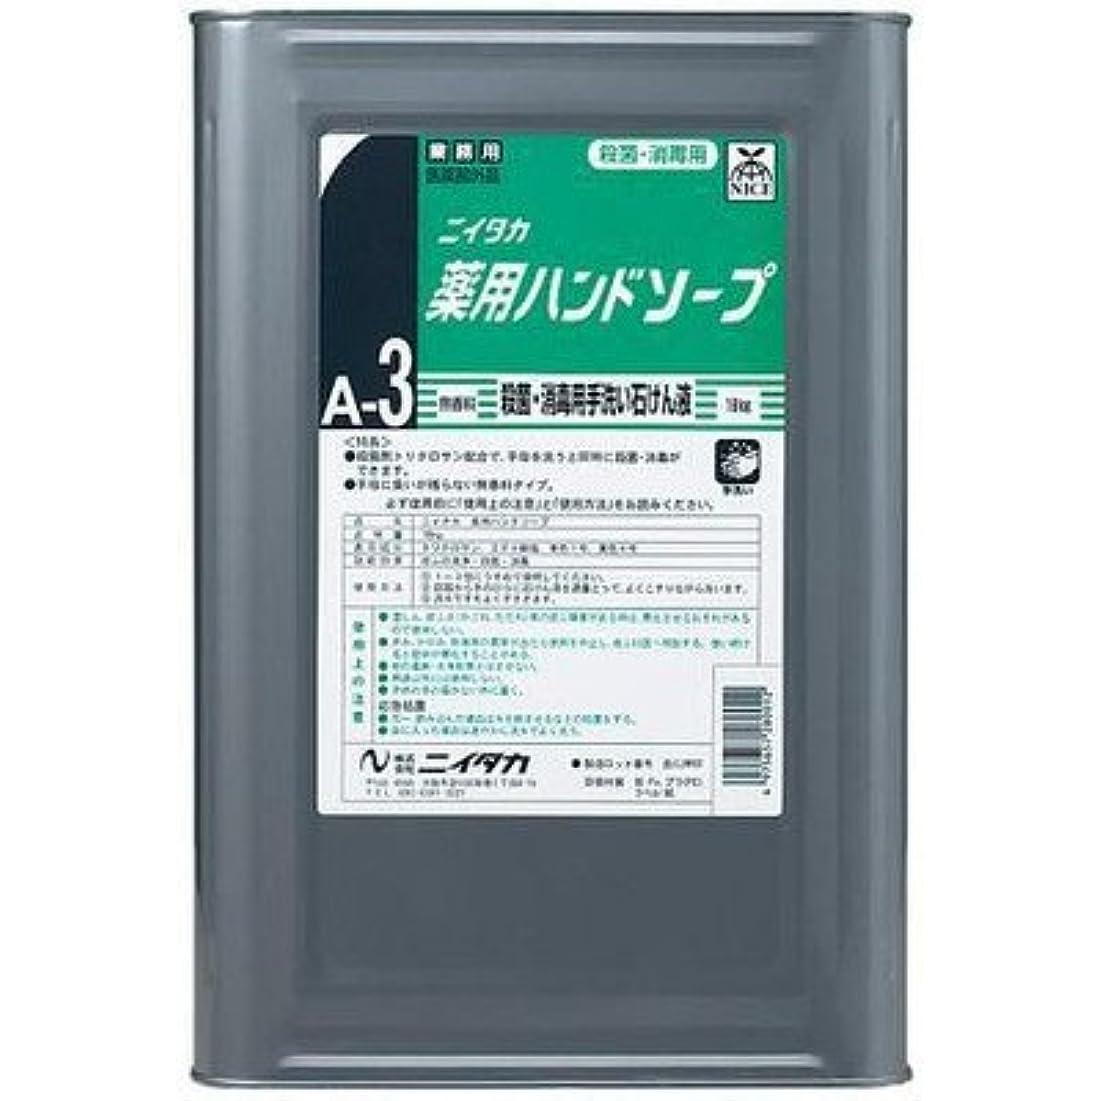 マトロン有用男らしさニイタカ 業務用手洗い石けん液 薬用ハンドソープ(A-3) 18kg×1本